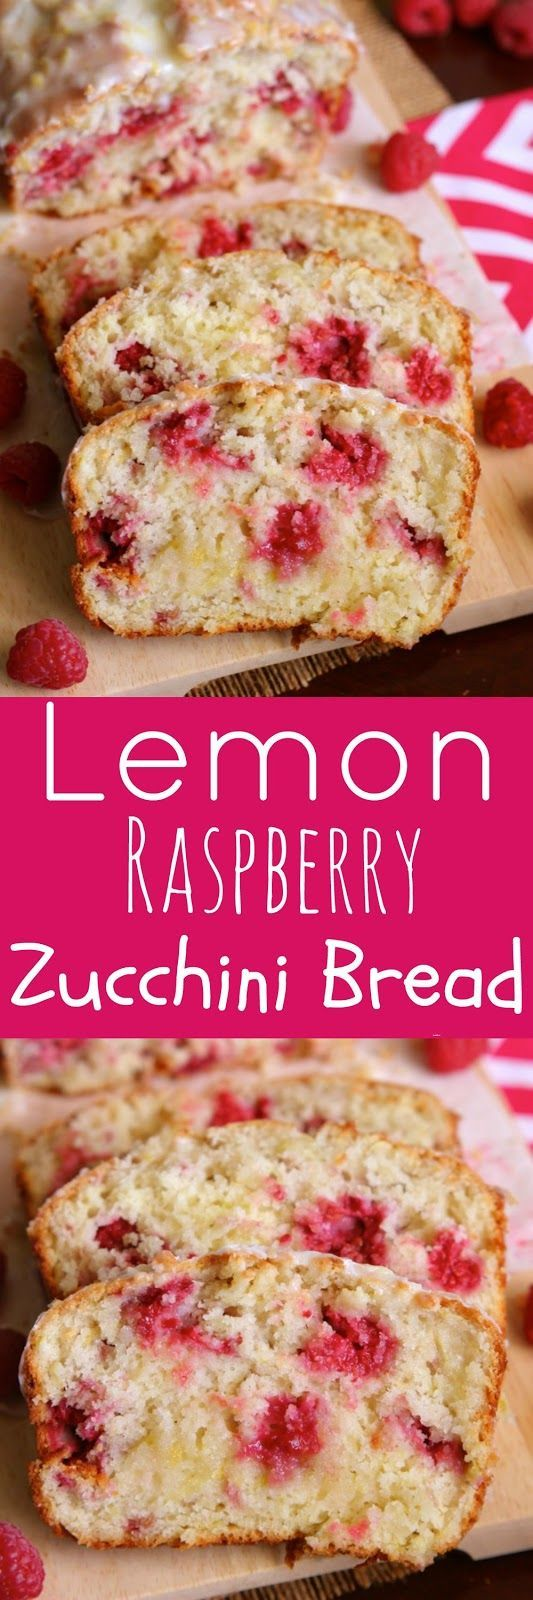 Eat Cake For Dinner: Lemon Raspberry Zucchini Bread with Lemon Glaze